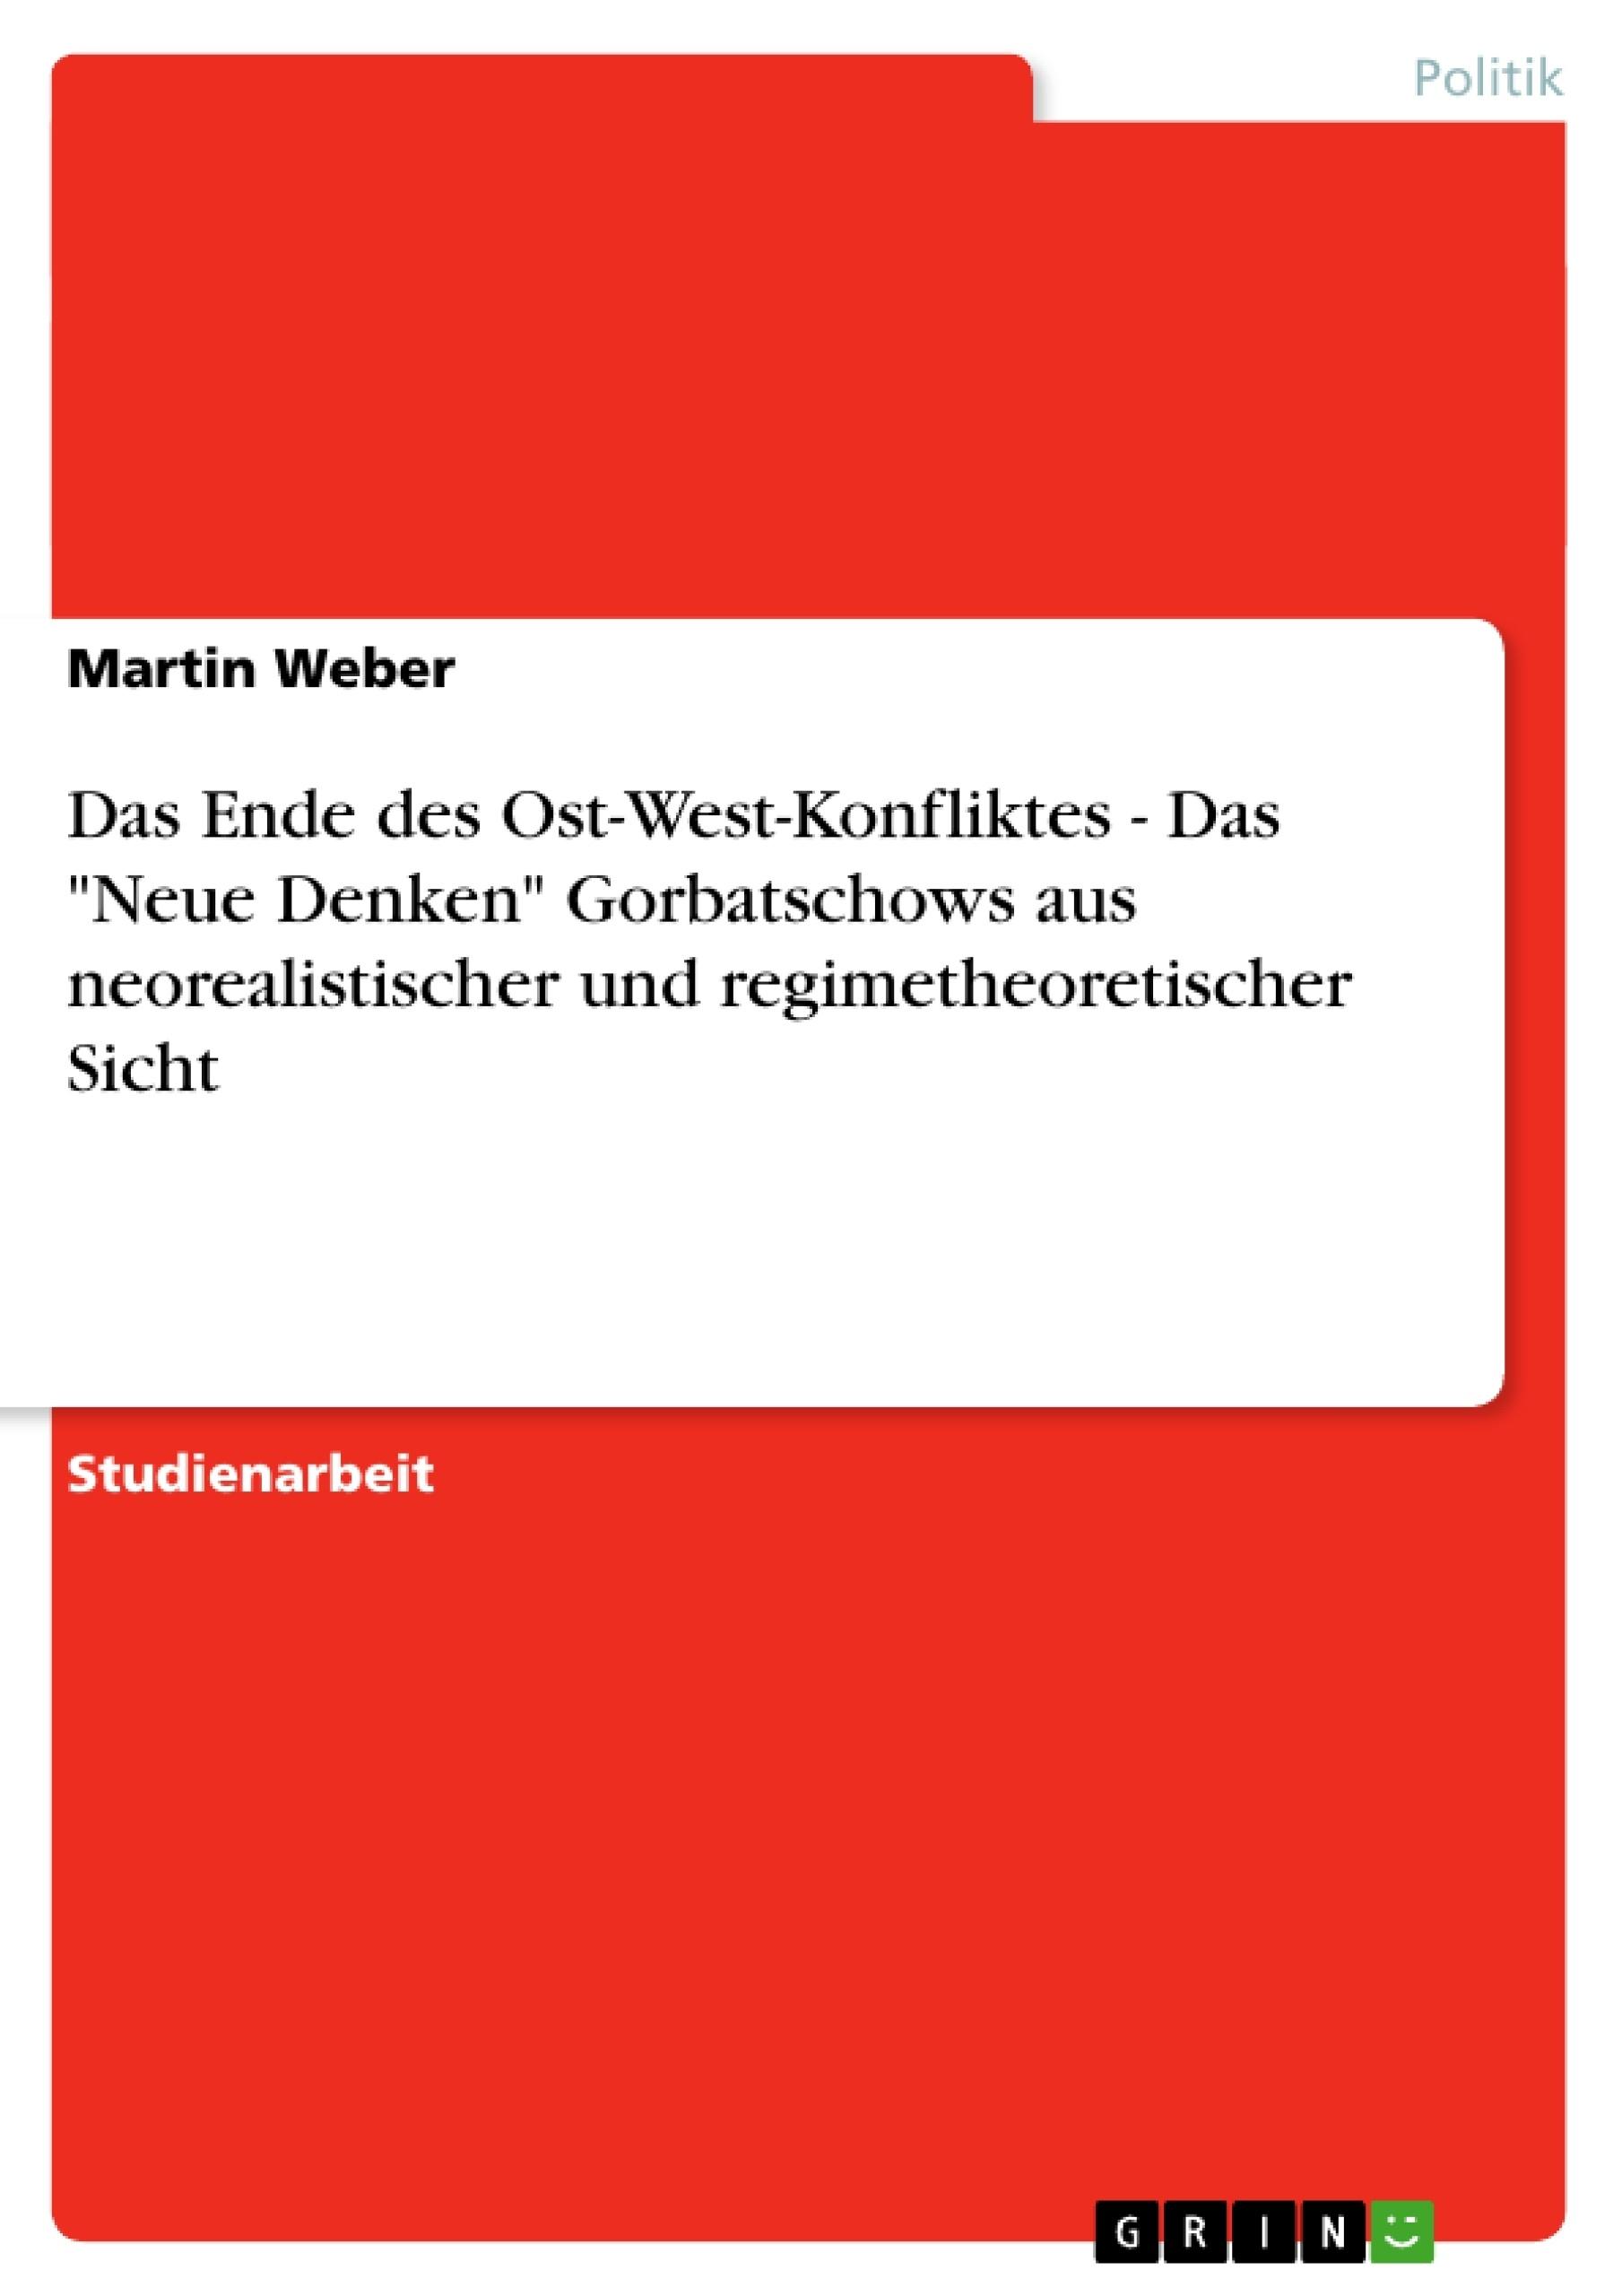 """Titel: Das Ende des Ost-West-Konfliktes - Das """"Neue Denken"""" Gorbatschows aus neorealistischer und regimetheoretischer Sicht"""